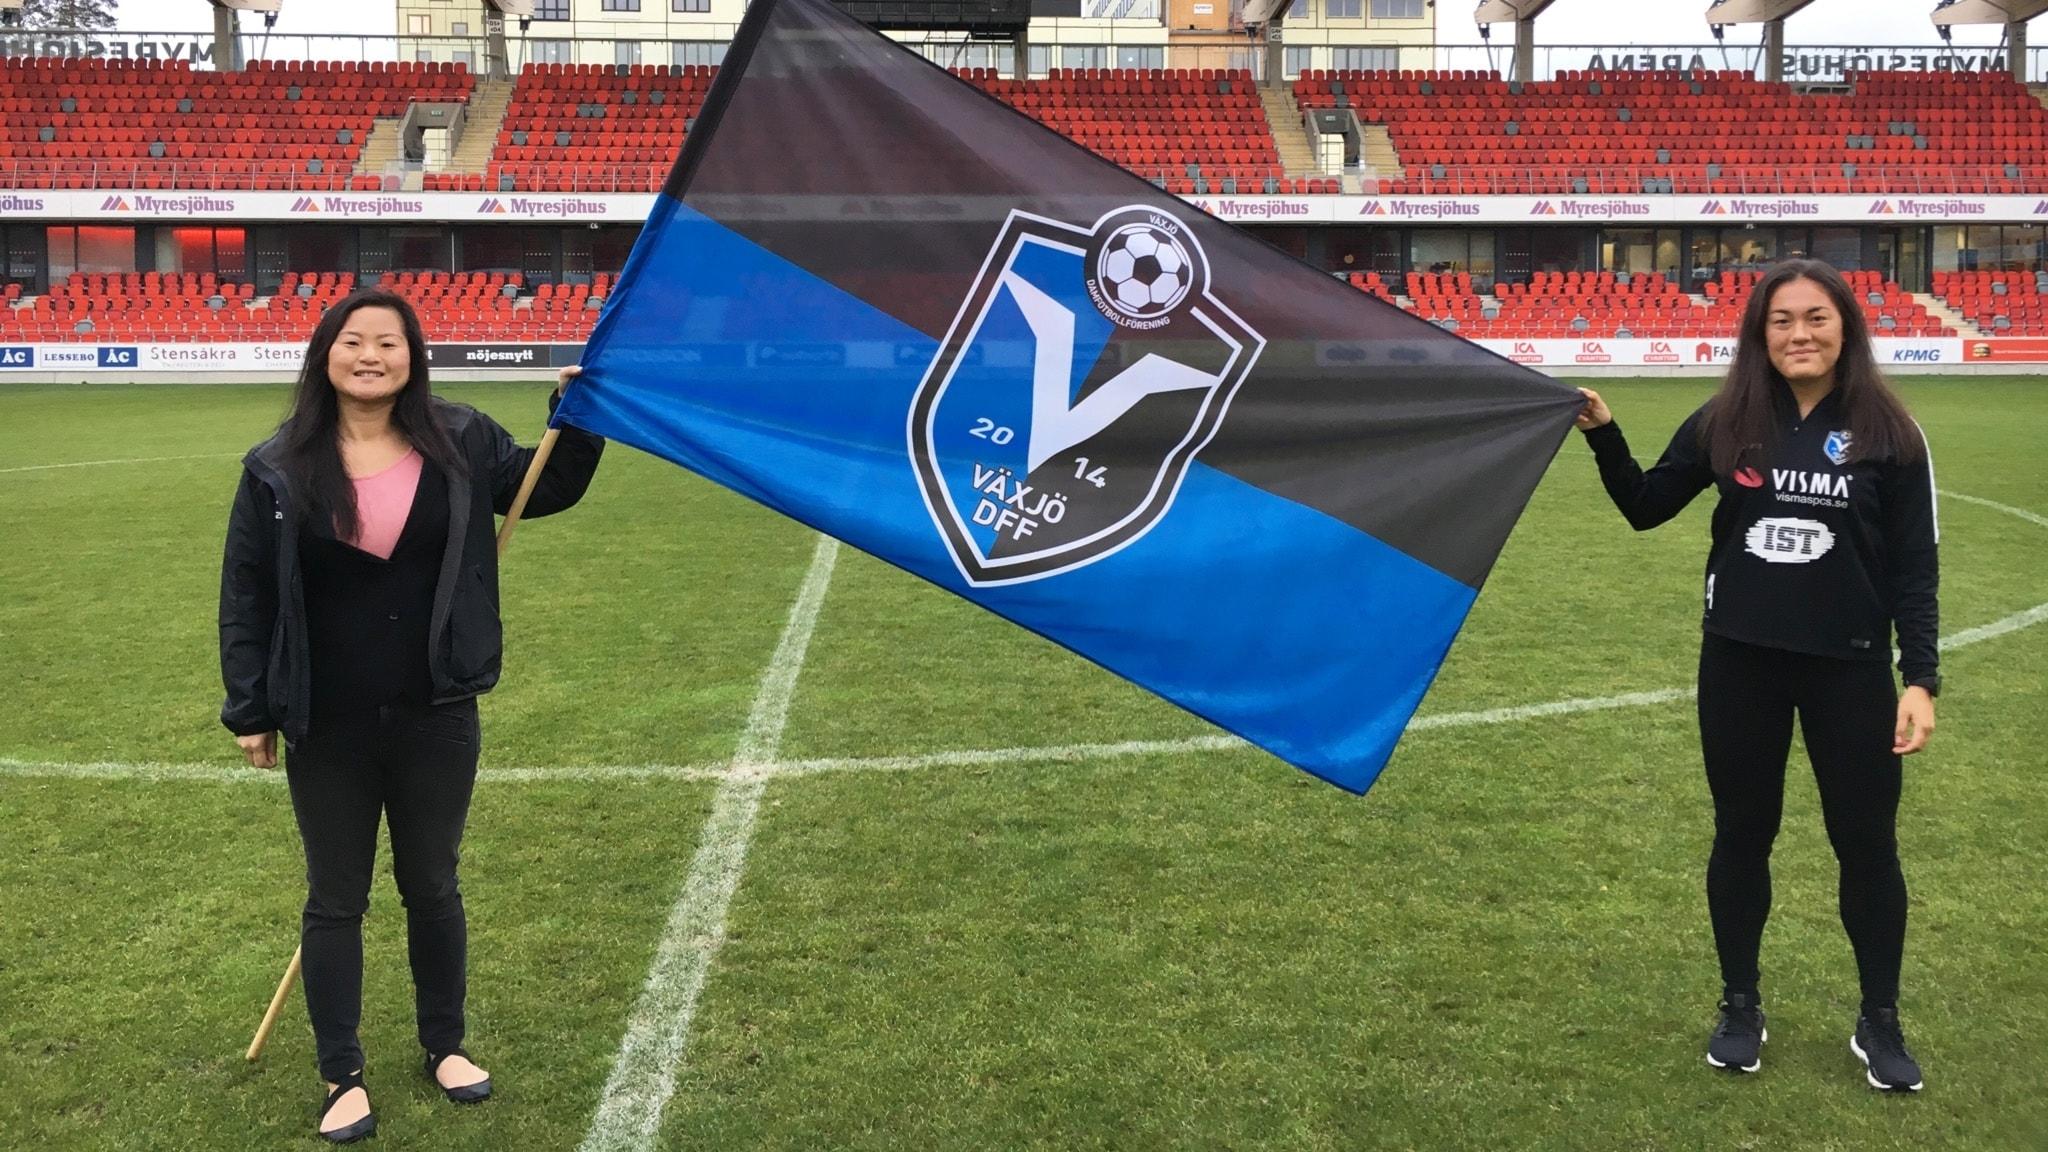 Två tjejer står på en fotbollsplan och håller upp Växjö DFF:s flagga.